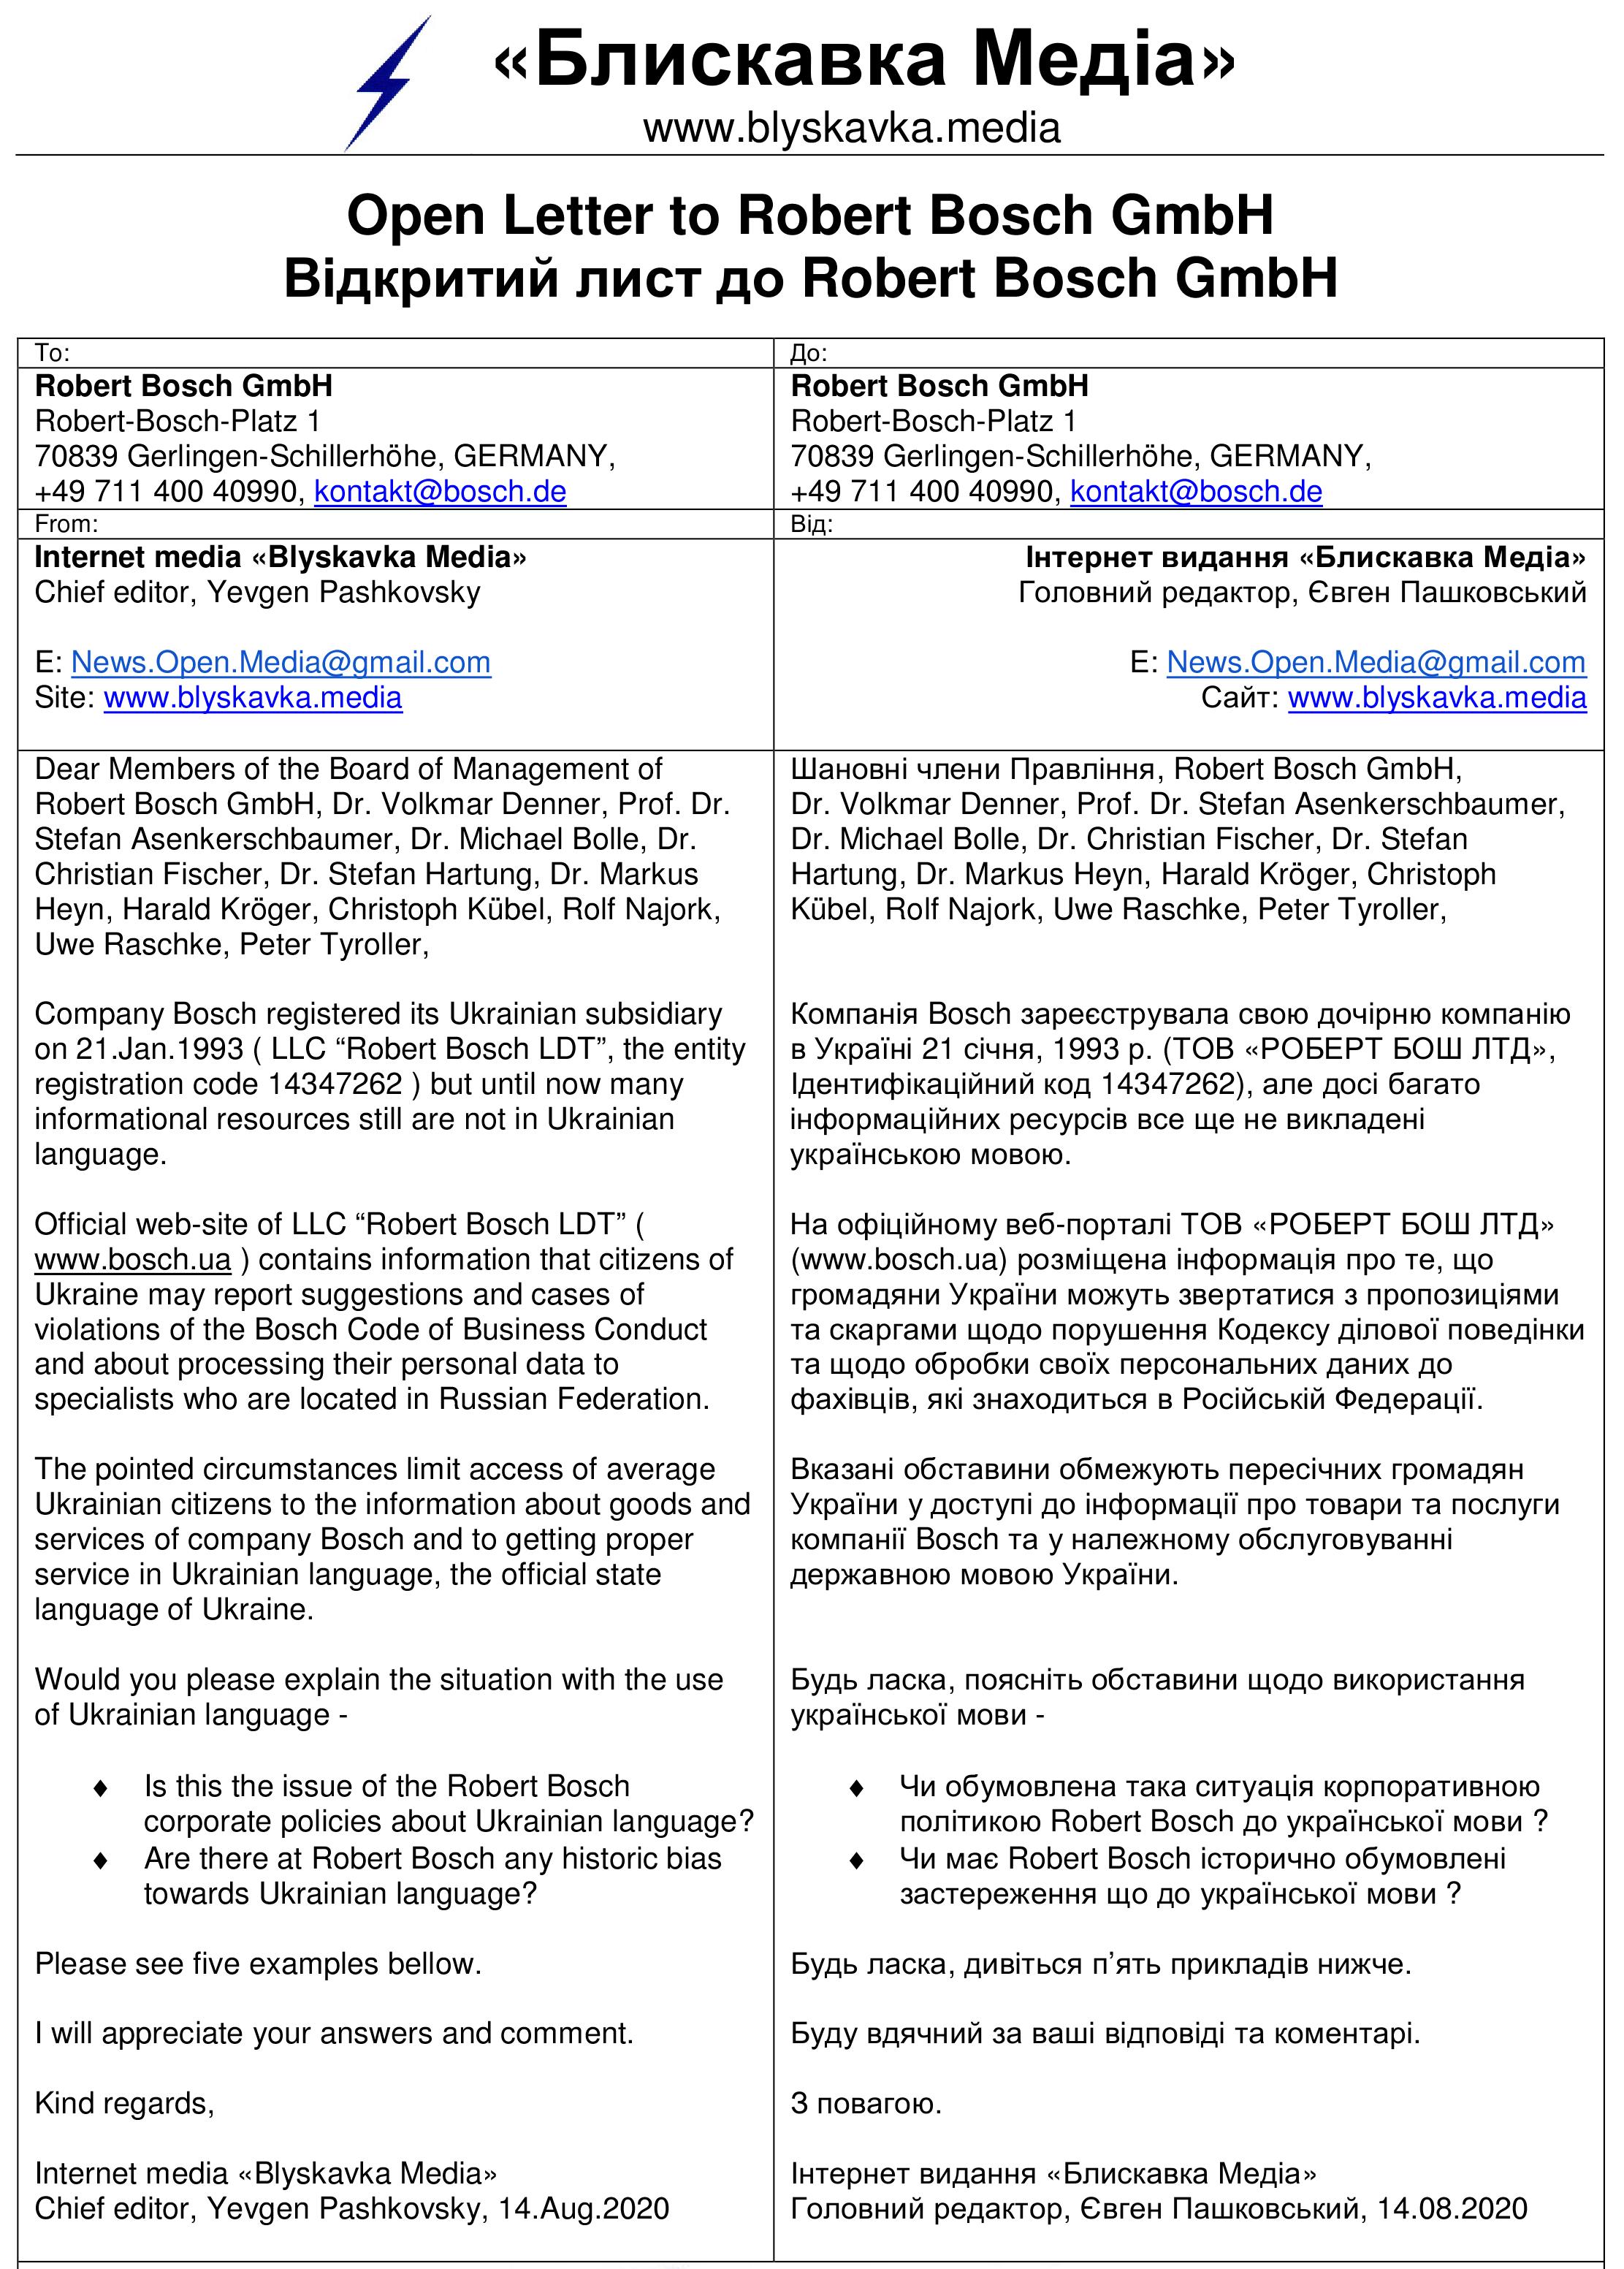 Bosch-1 - Letter-from-«Blyskavka-Media»-to-Robert-Bosch-1